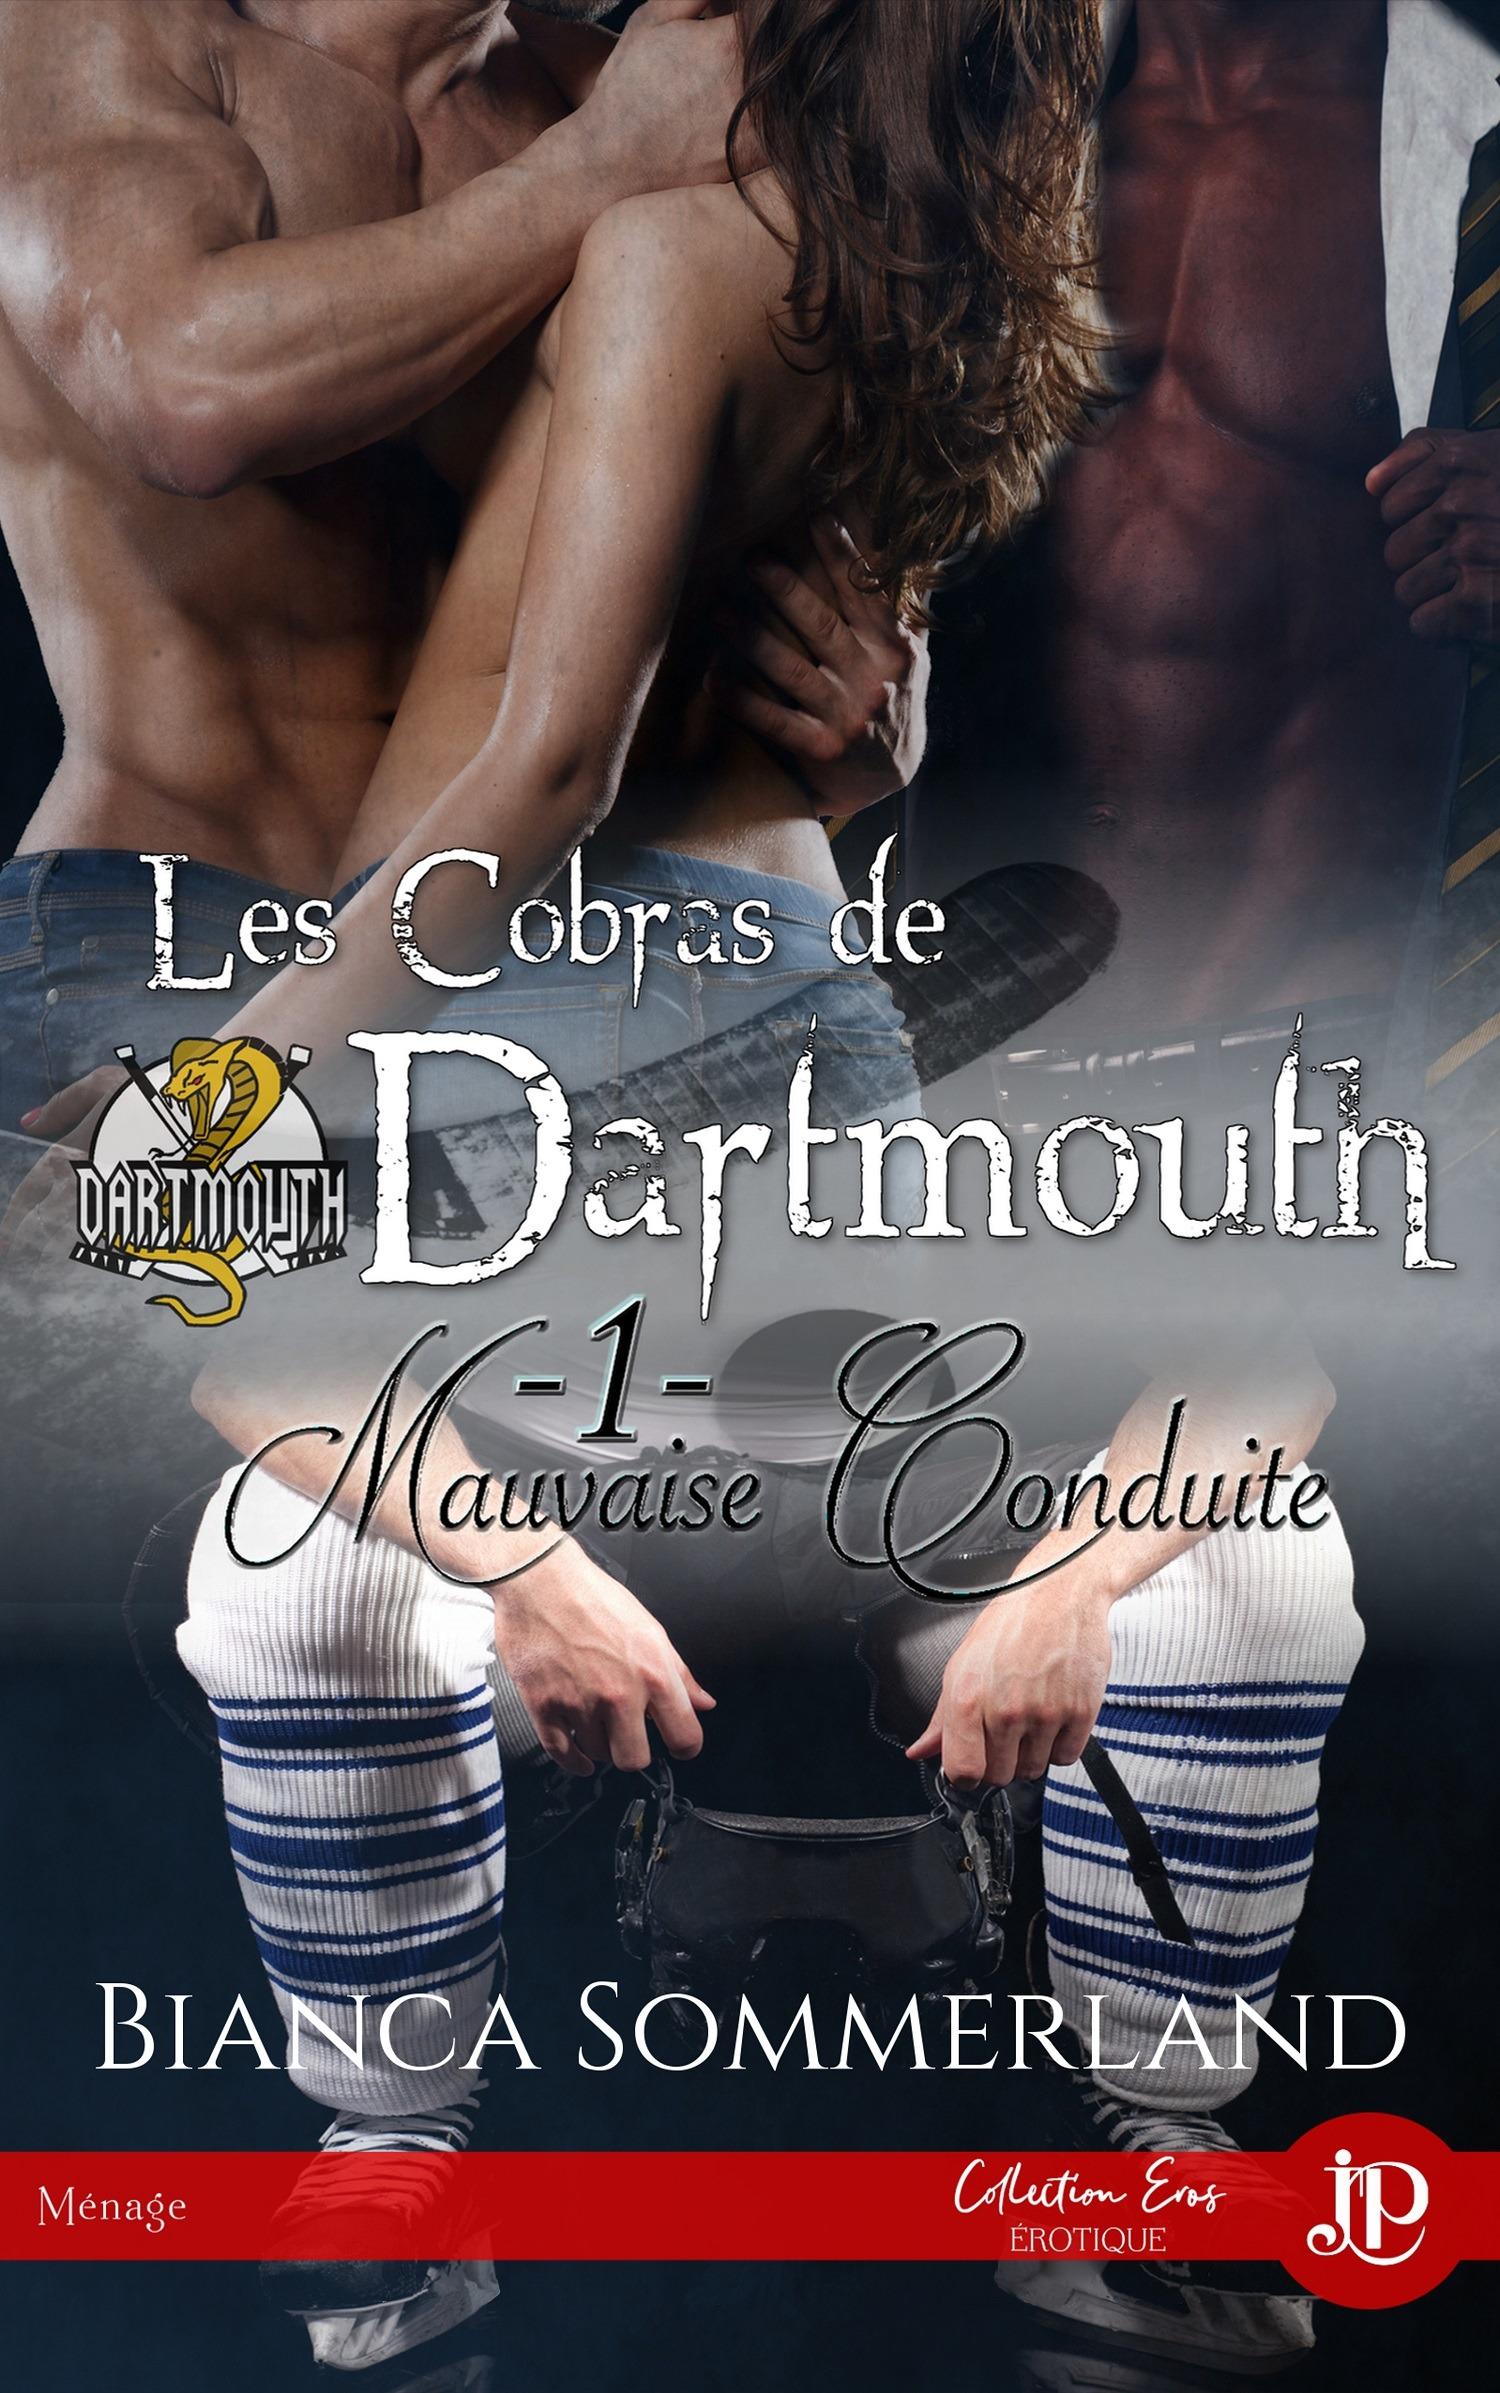 Mauvaise conduite, LES COBRAS DE DARTMOUTH TOME 1